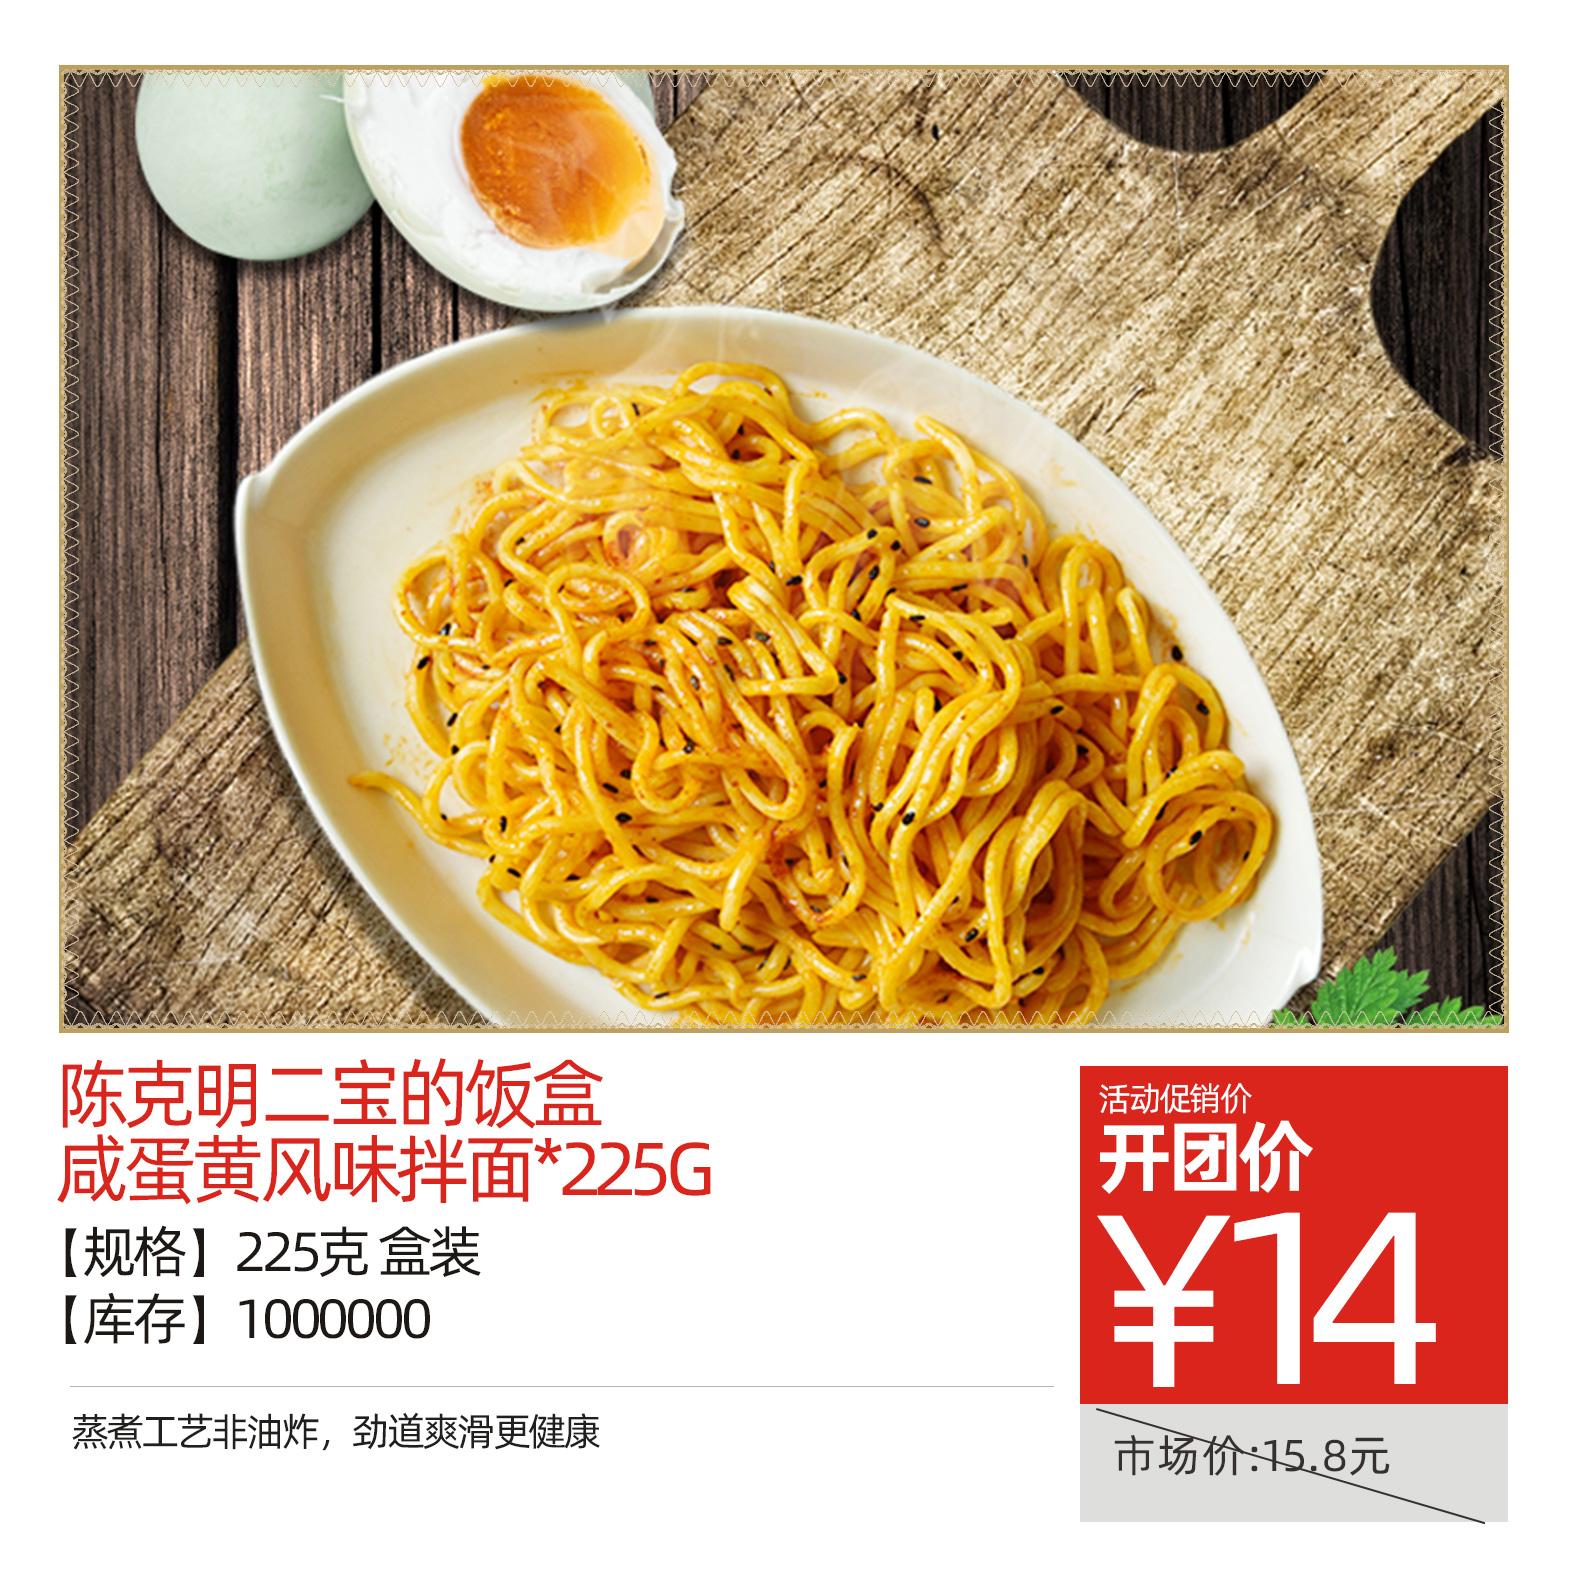 陈克明&二宝的饭盒咸蛋黄风味拌面*225g